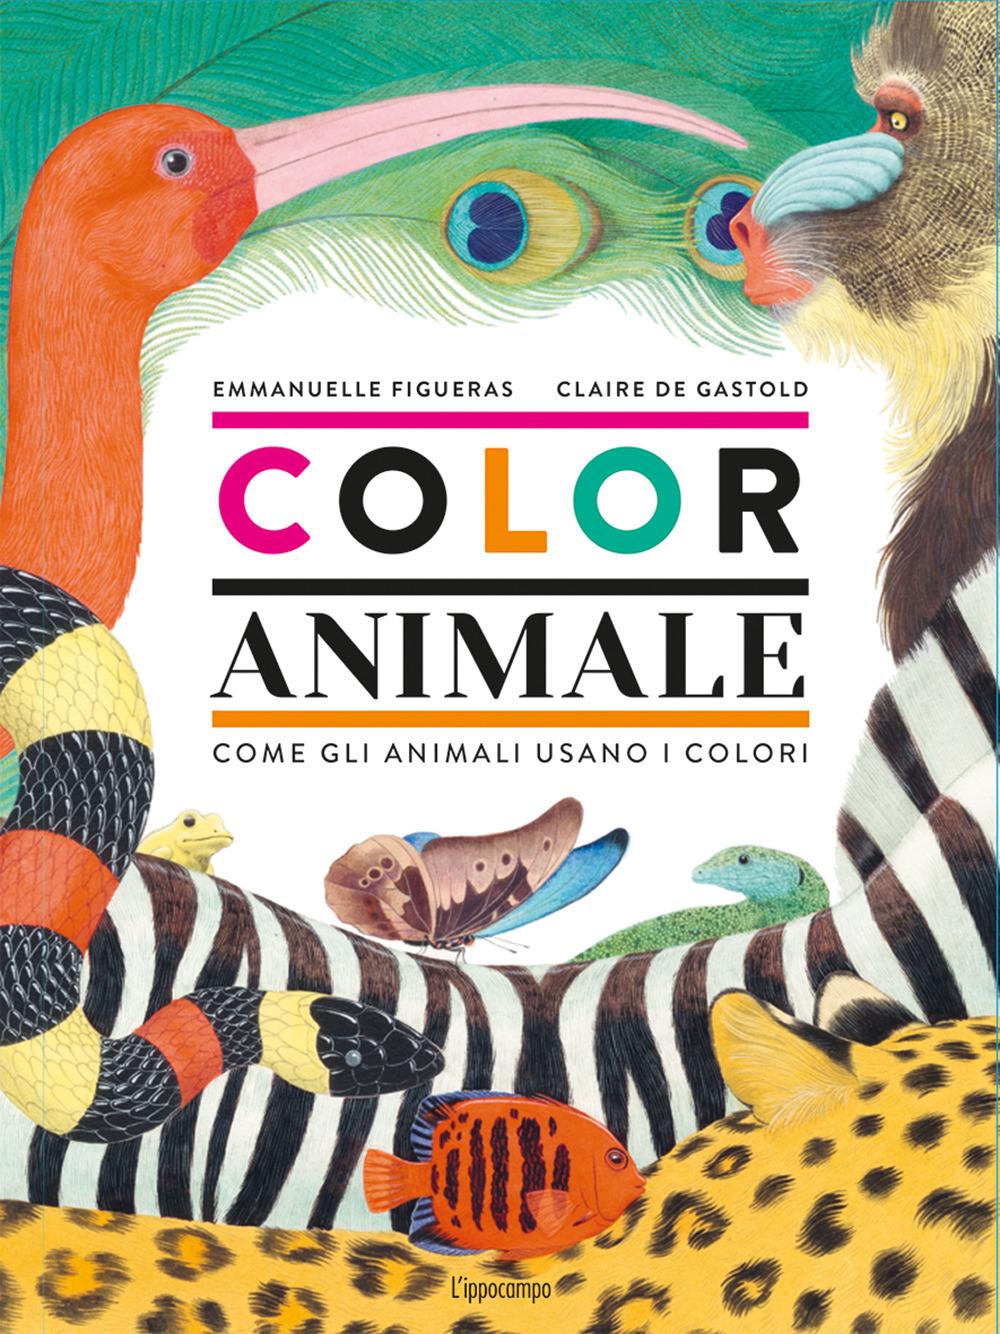 Coloranimale. Come gli animali usano i colori